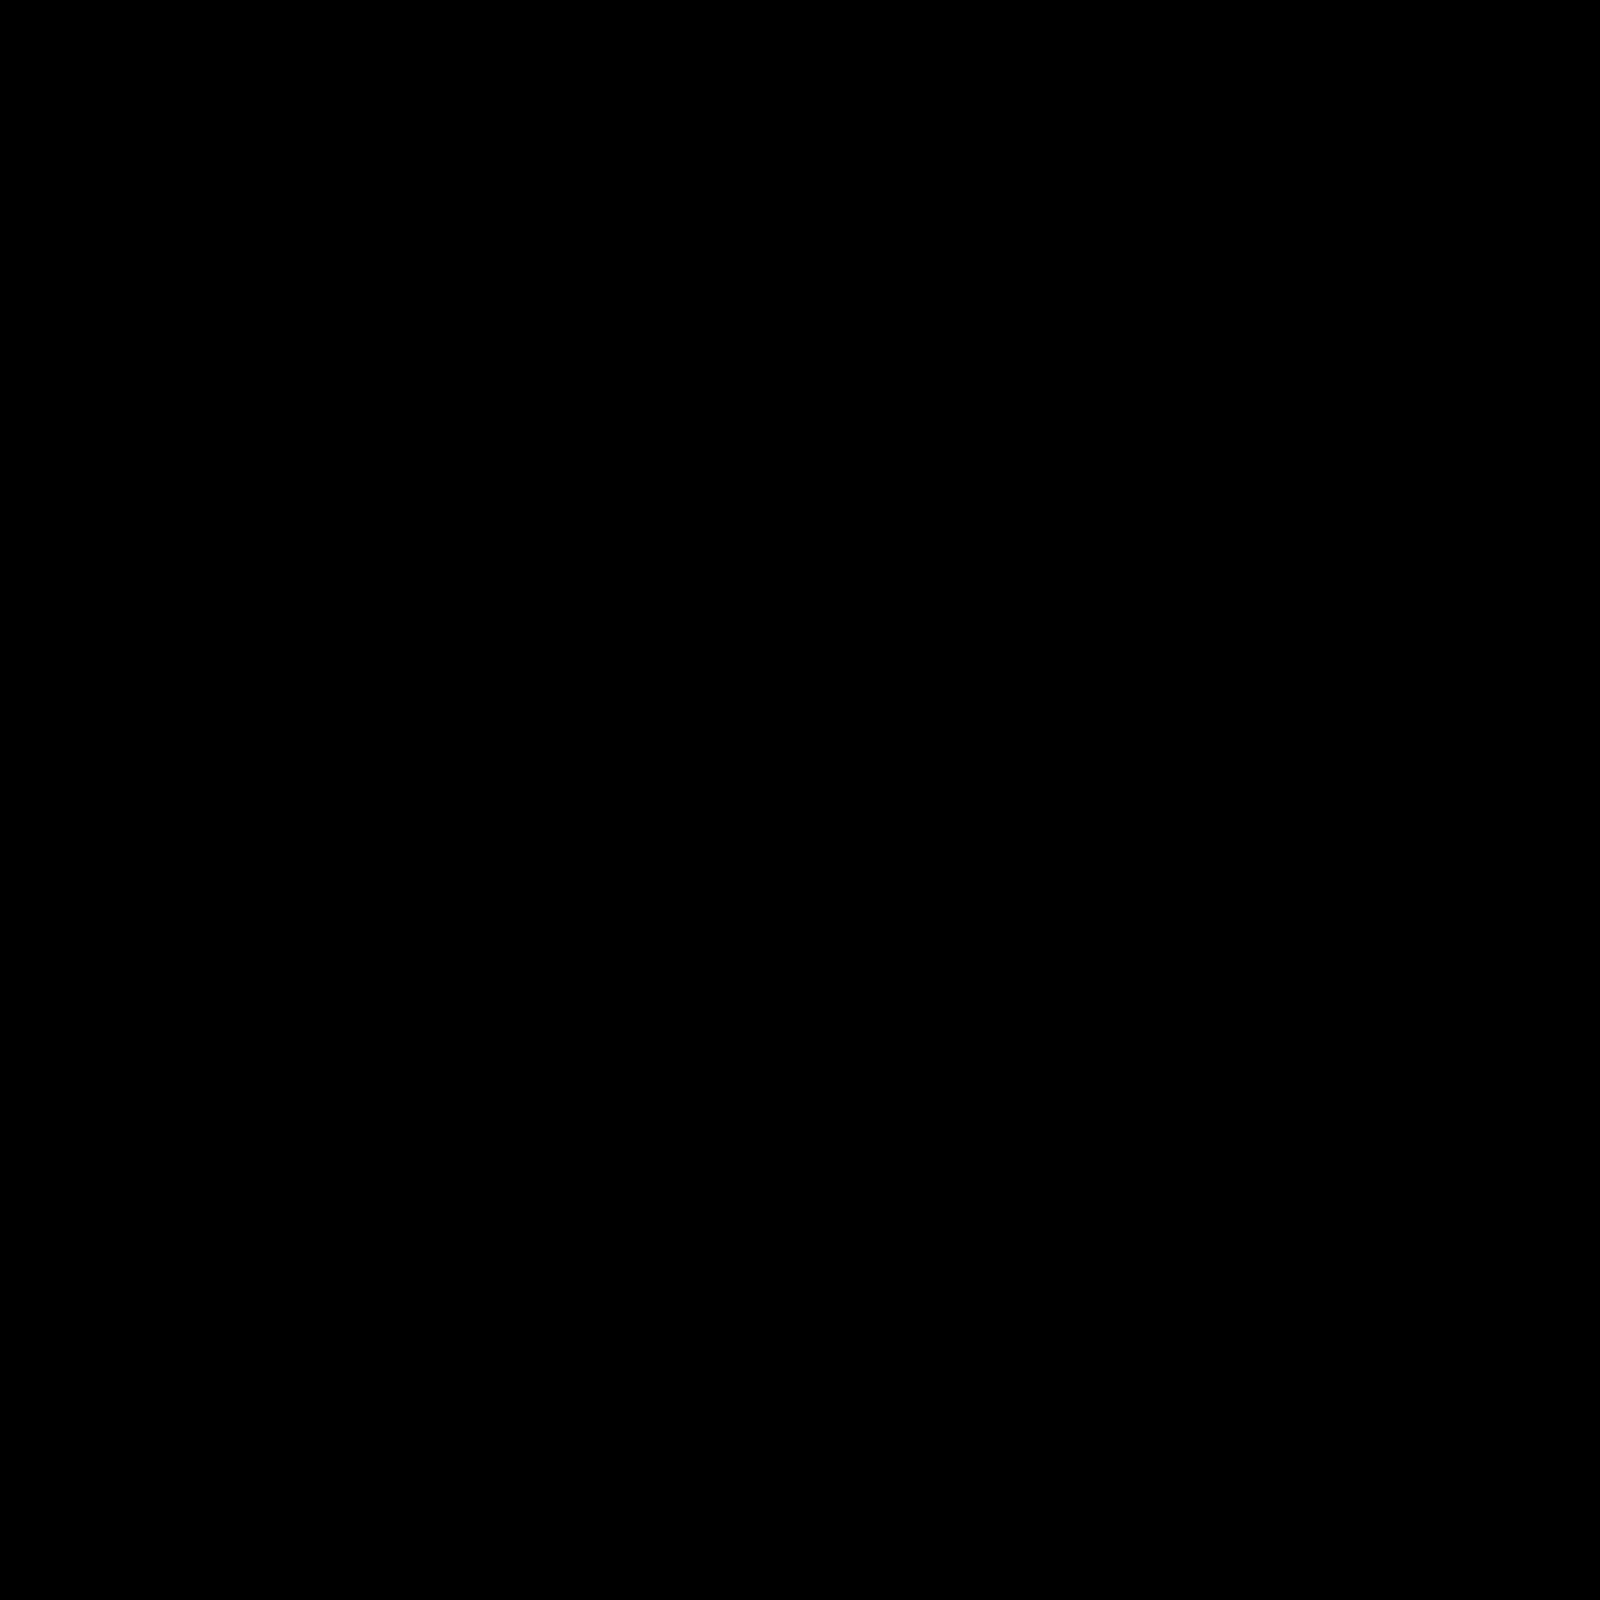 Pionezka na mapie icon